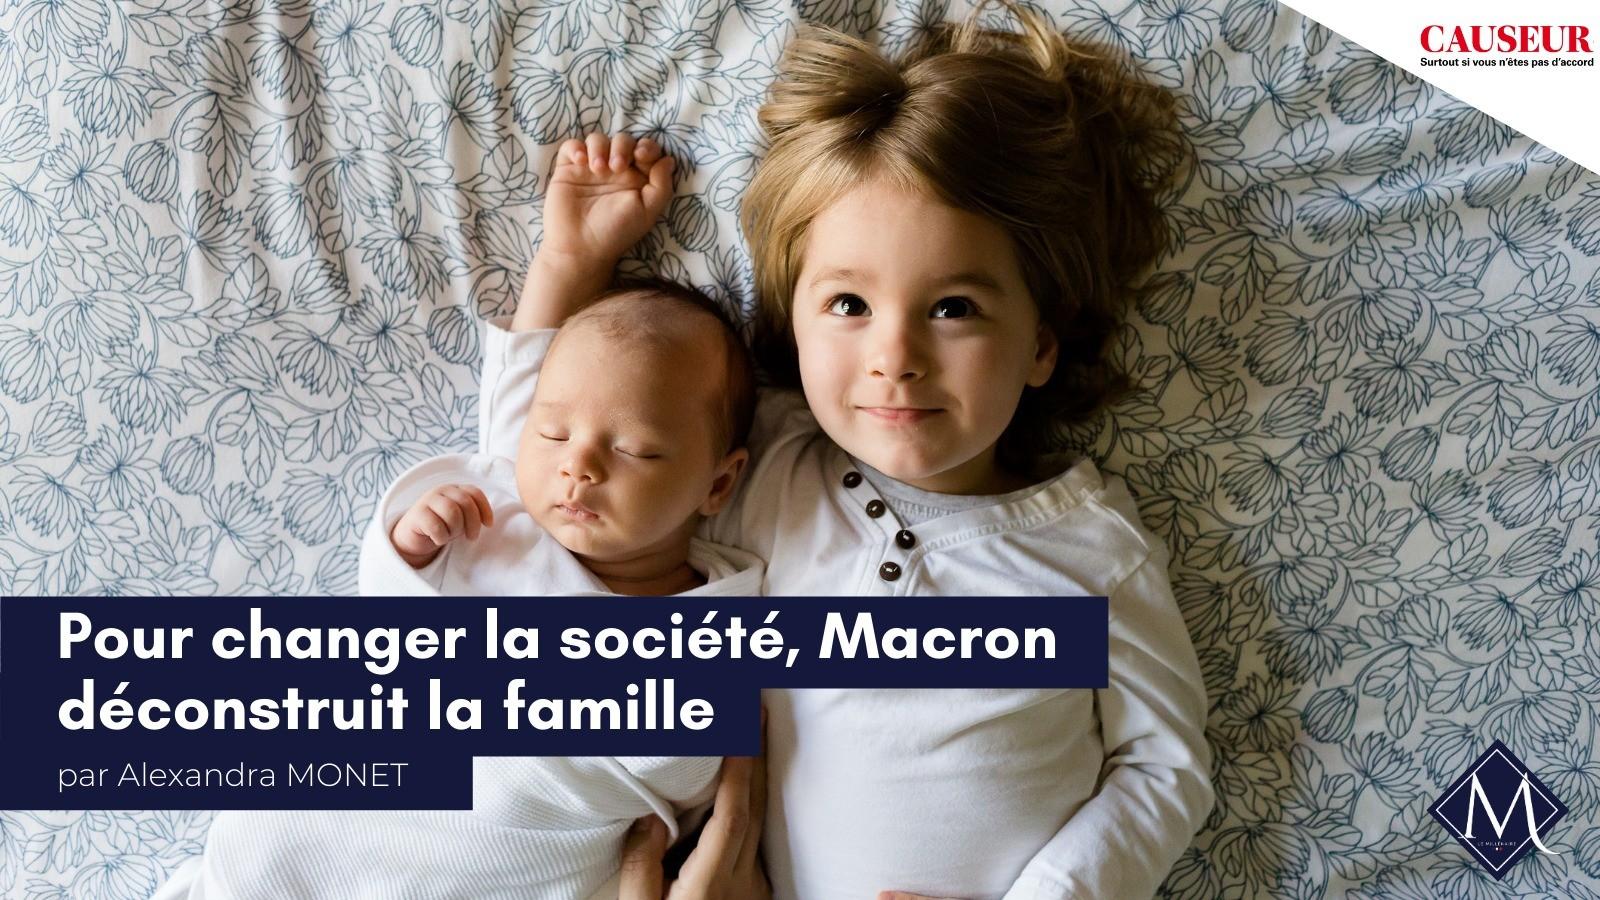 Retrouvez l'édito  d'Alexandra Monet pour Causeur : «Pour changer la société, Macron déconstruit la famille»